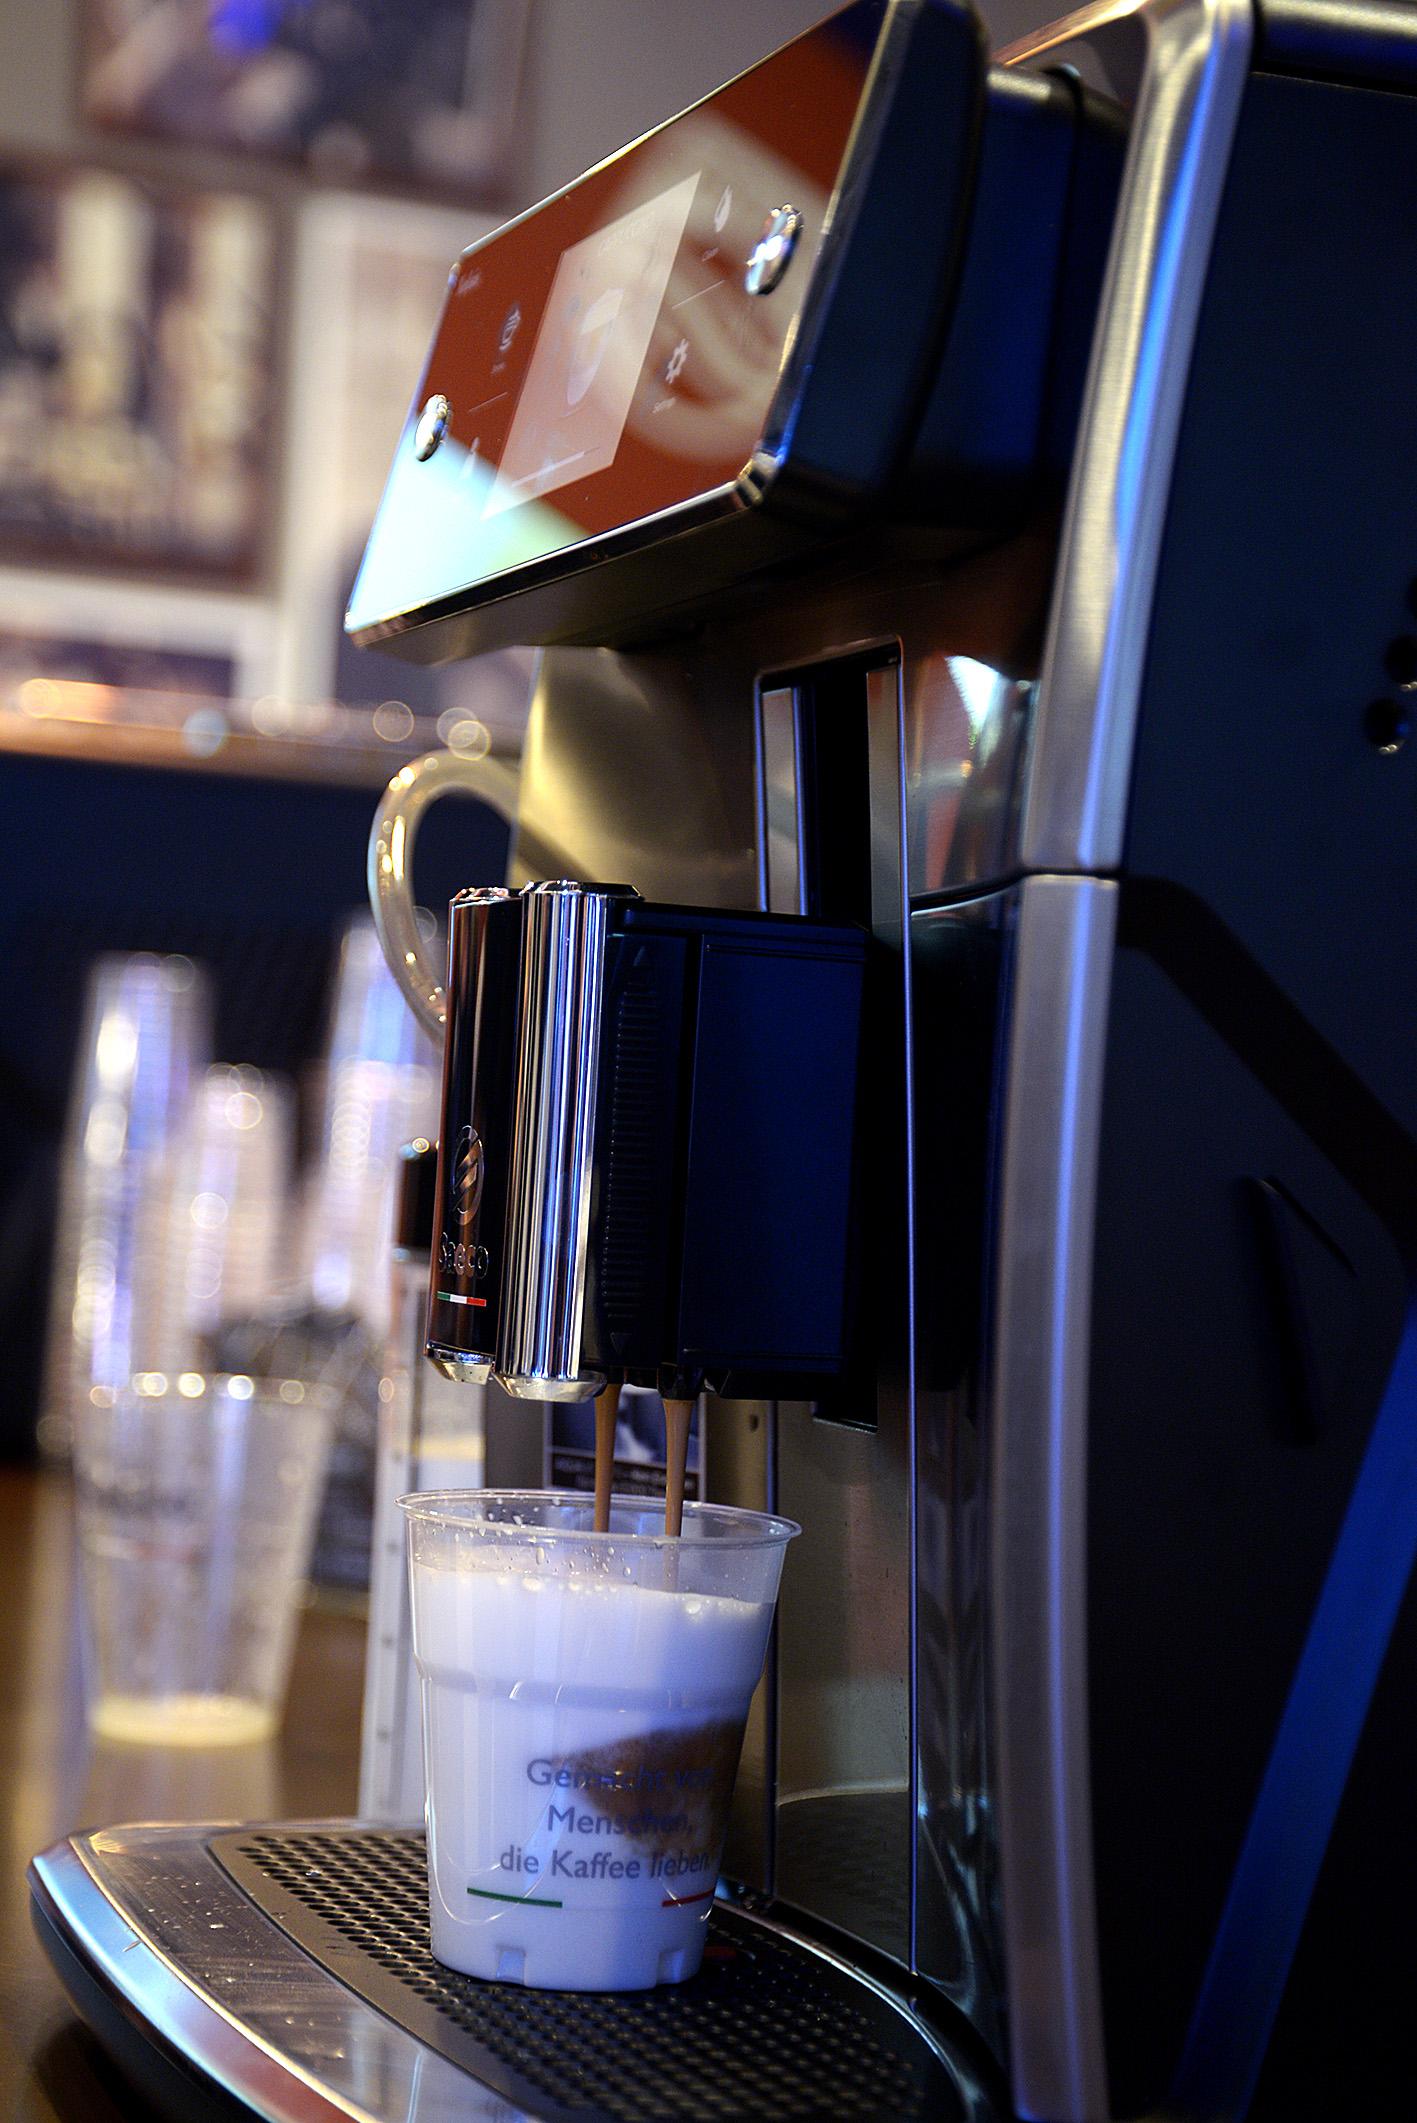 Foto: Michael B. Rehders Zum Abschluss eines langen Messetages habe ich mir noch einen Kaffee gegönnt.